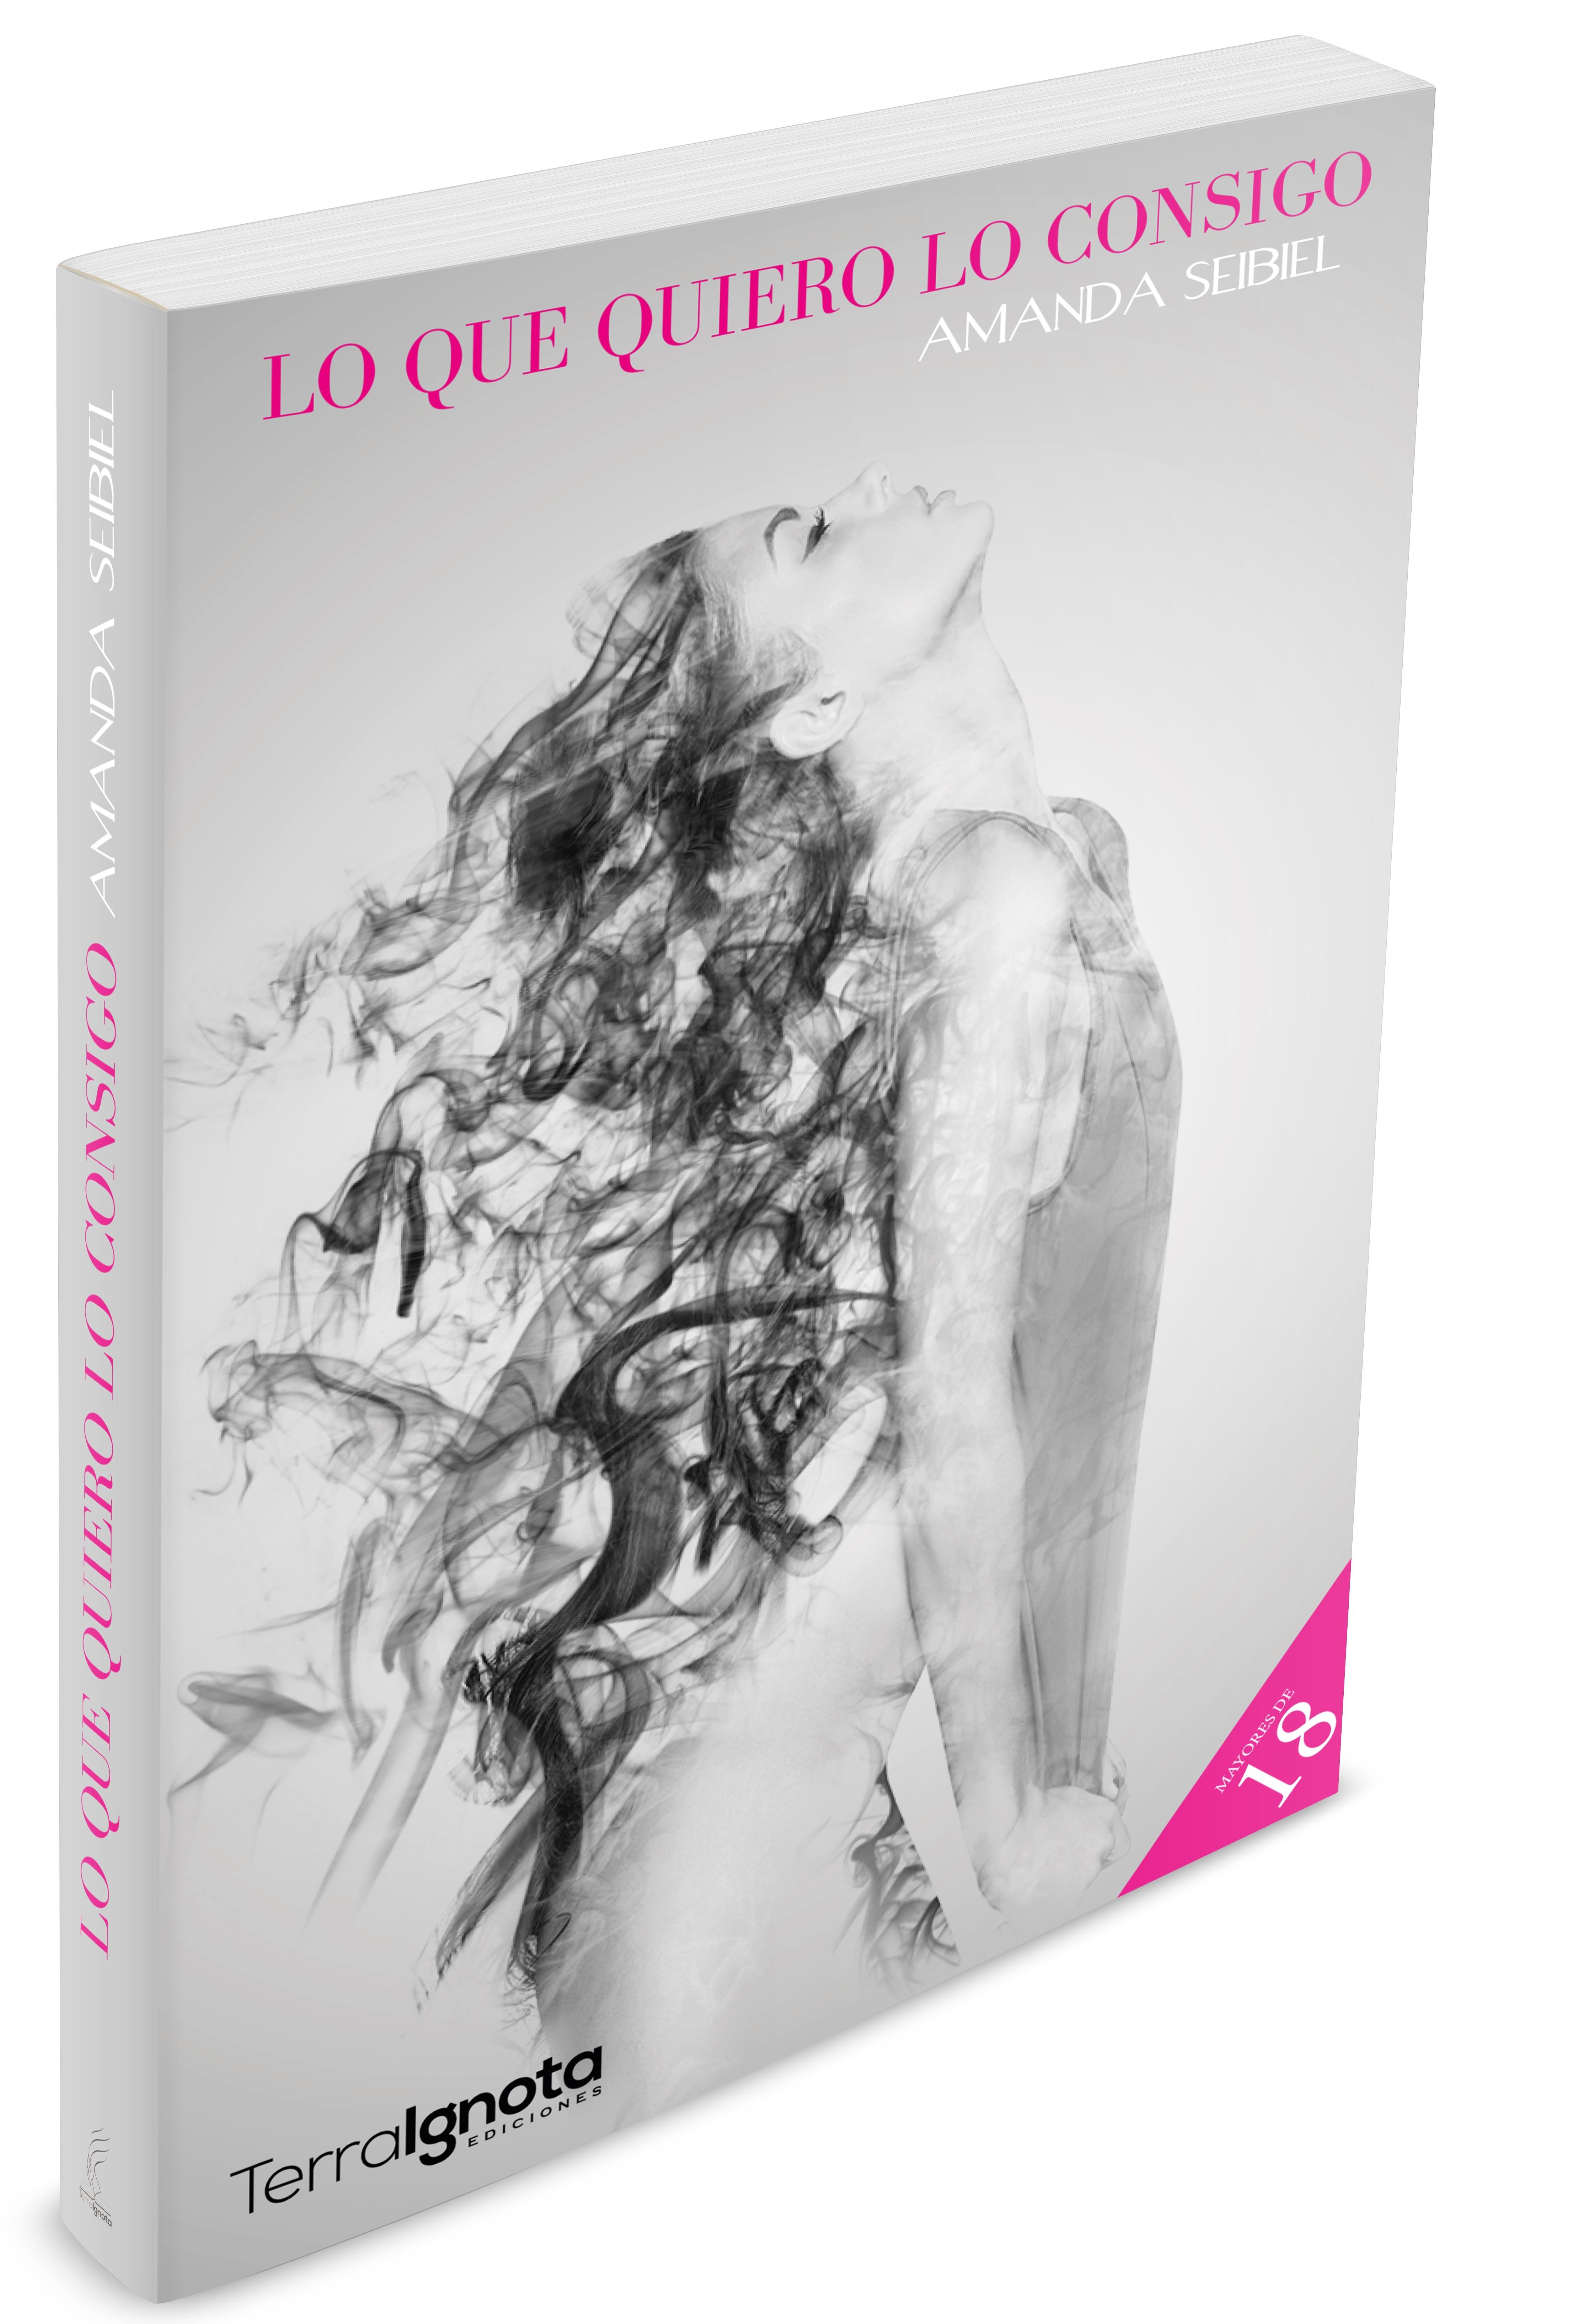 Lo-que-quiero-lo-consigo-Amanda-Seibiel-libro-3D